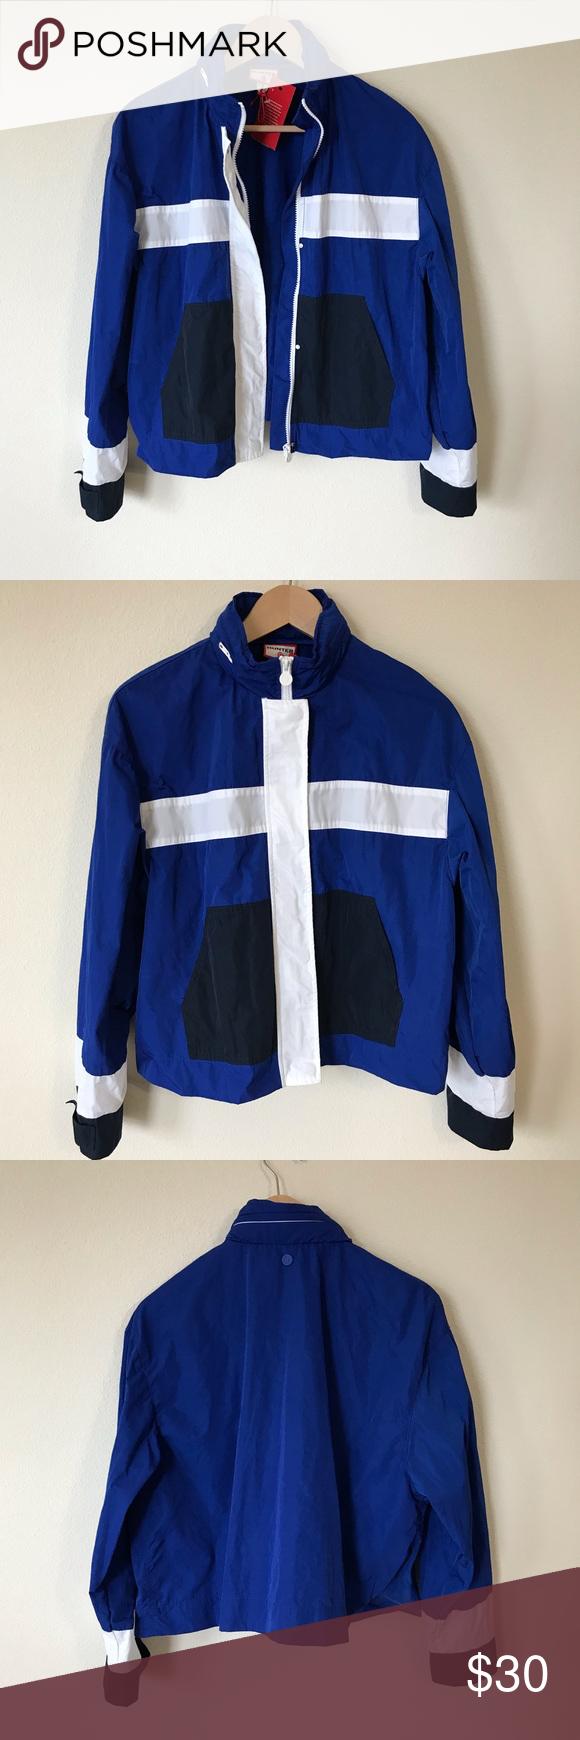 32e3f693c Hunter for Target windbreaker crop jacket NWT Hunter for Target blue ...